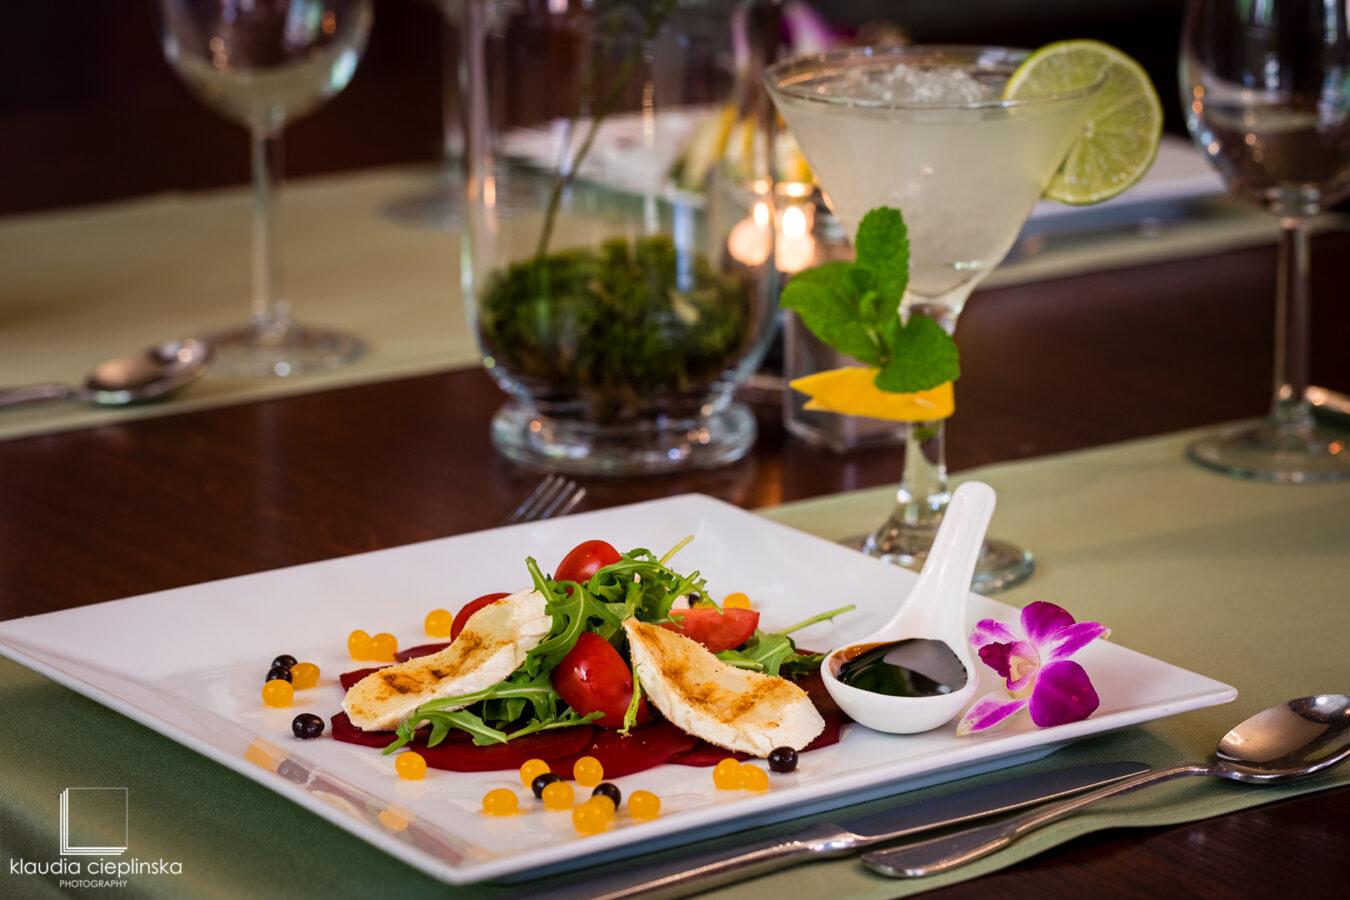 zdjęcia potraw w restauracji Jelenia Góra